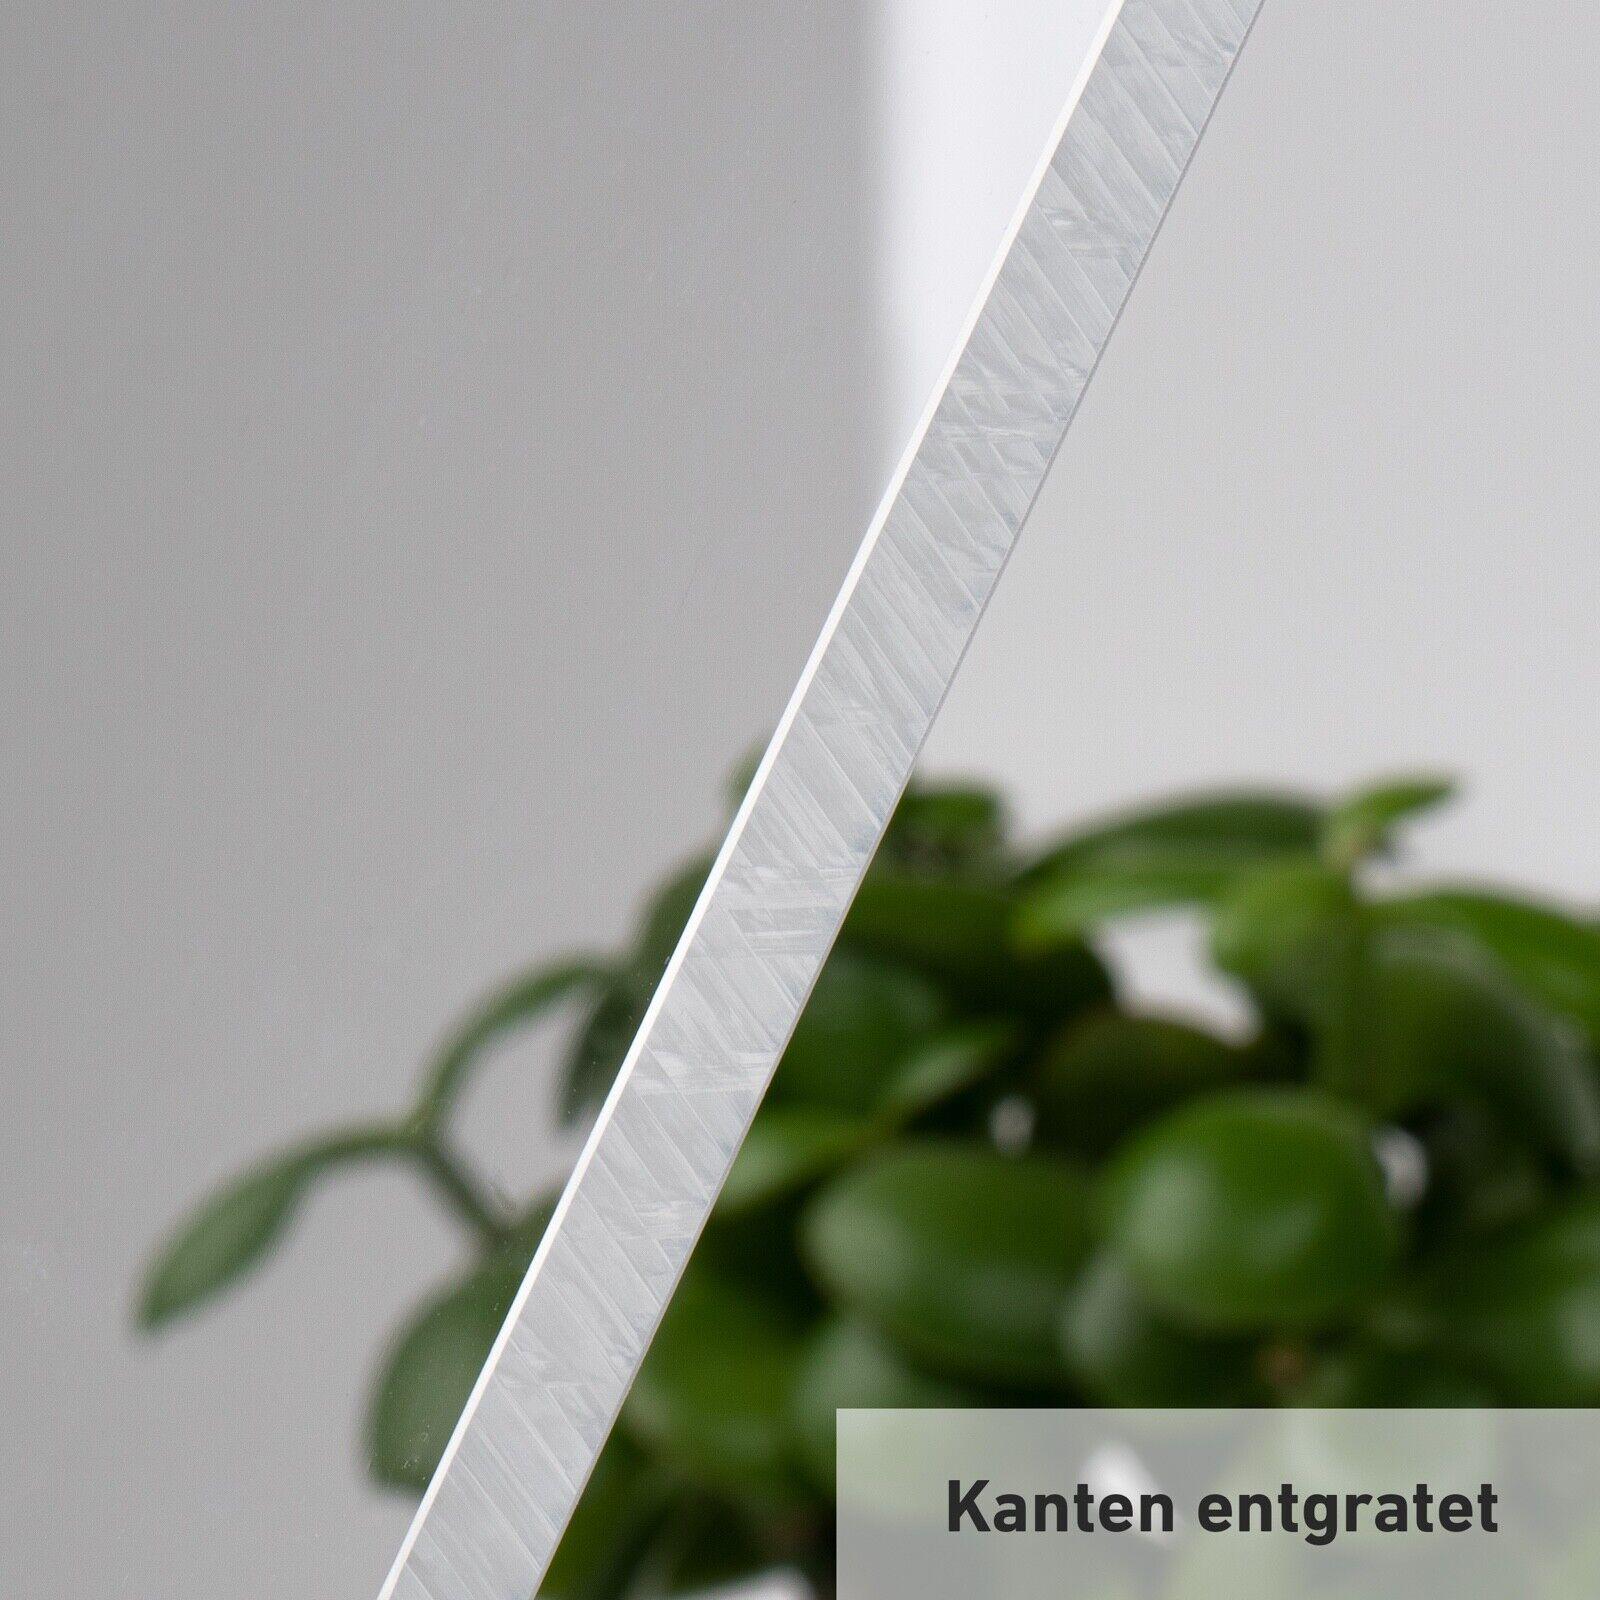 DOLLE Acrylglas XT F/ür Innen und Au/ßen Glasklare Platte in 750 x 250 mm Zuschnitte |St/ärke 2 mm UV-Stabil PMMA | Kanten poliert